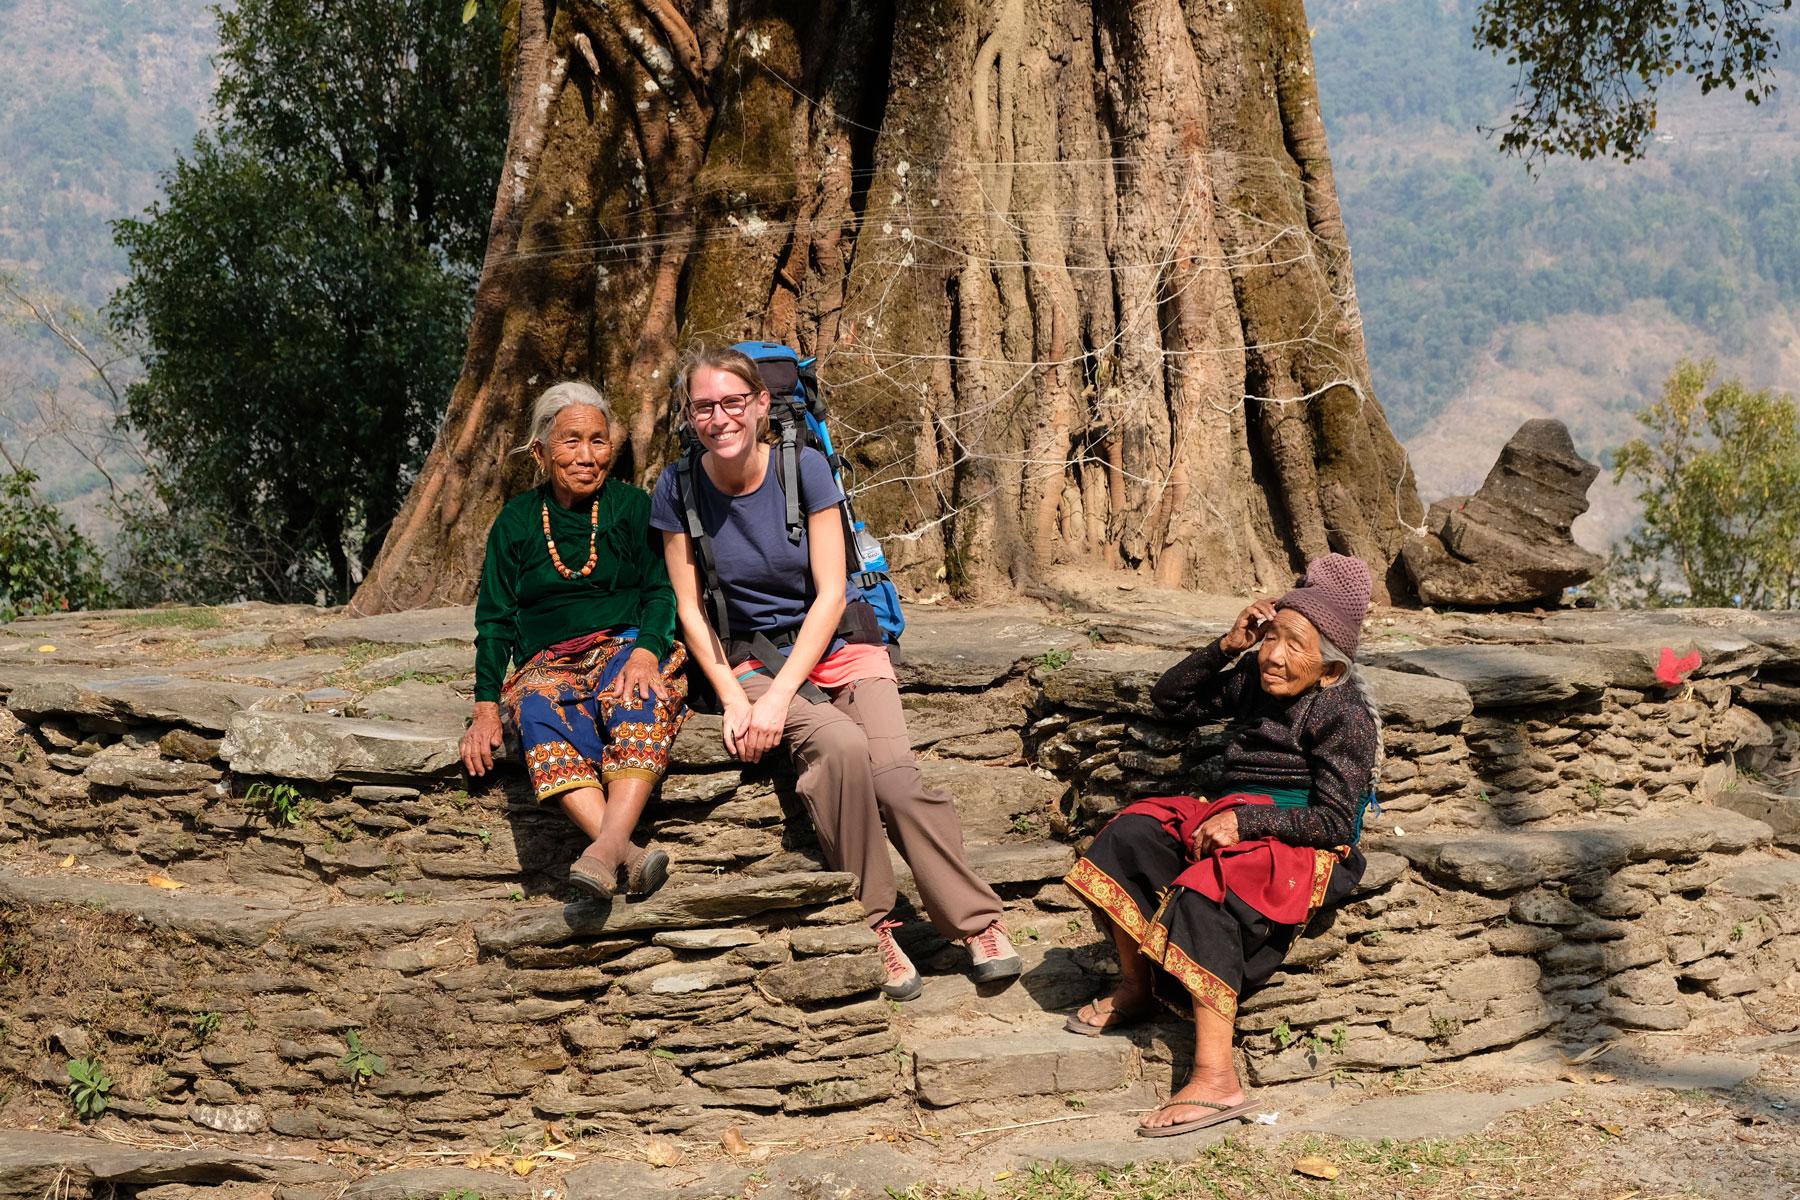 Leo sitzt neben zwei alten nepalesischen Frauen auf einer Steinmauer.